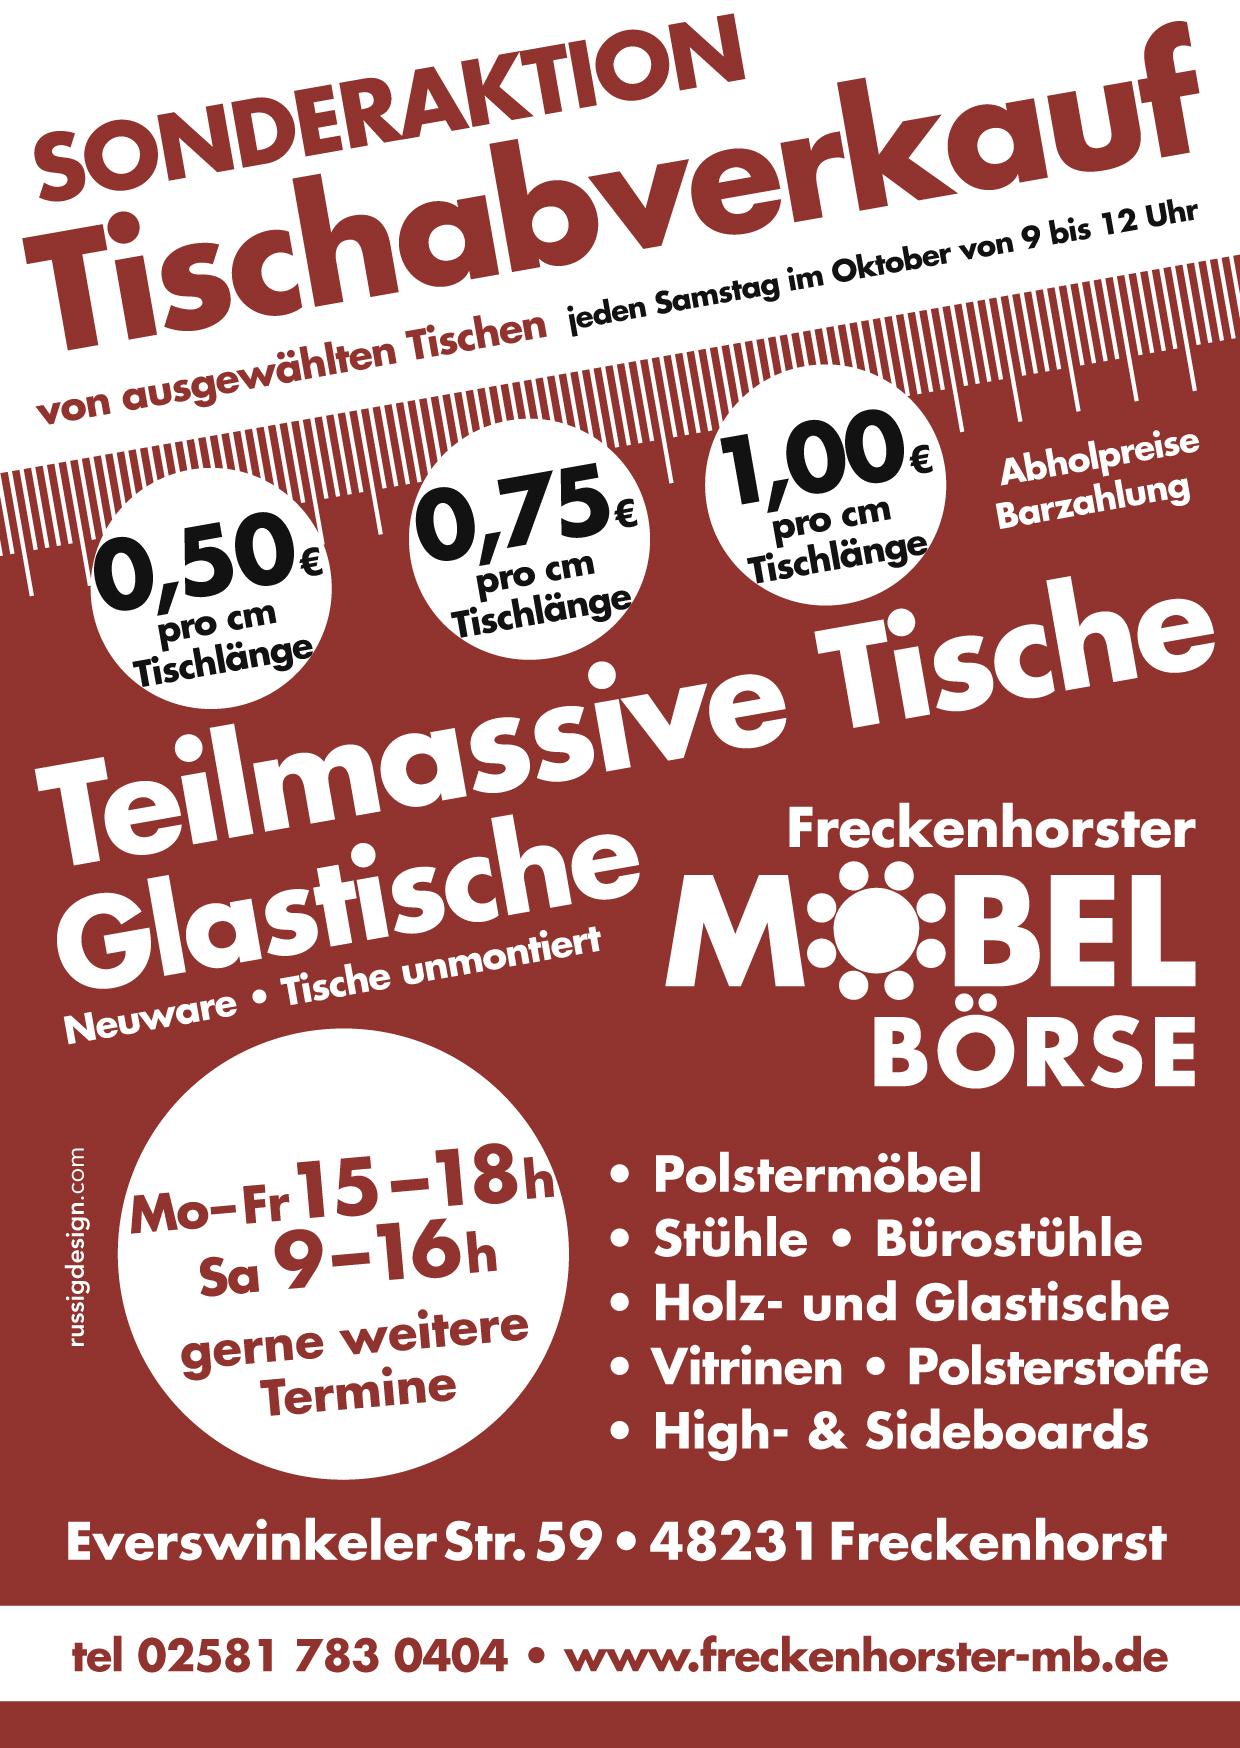 Freckenhorster Möbelbörse – Sonderaktion Tischabverkauf